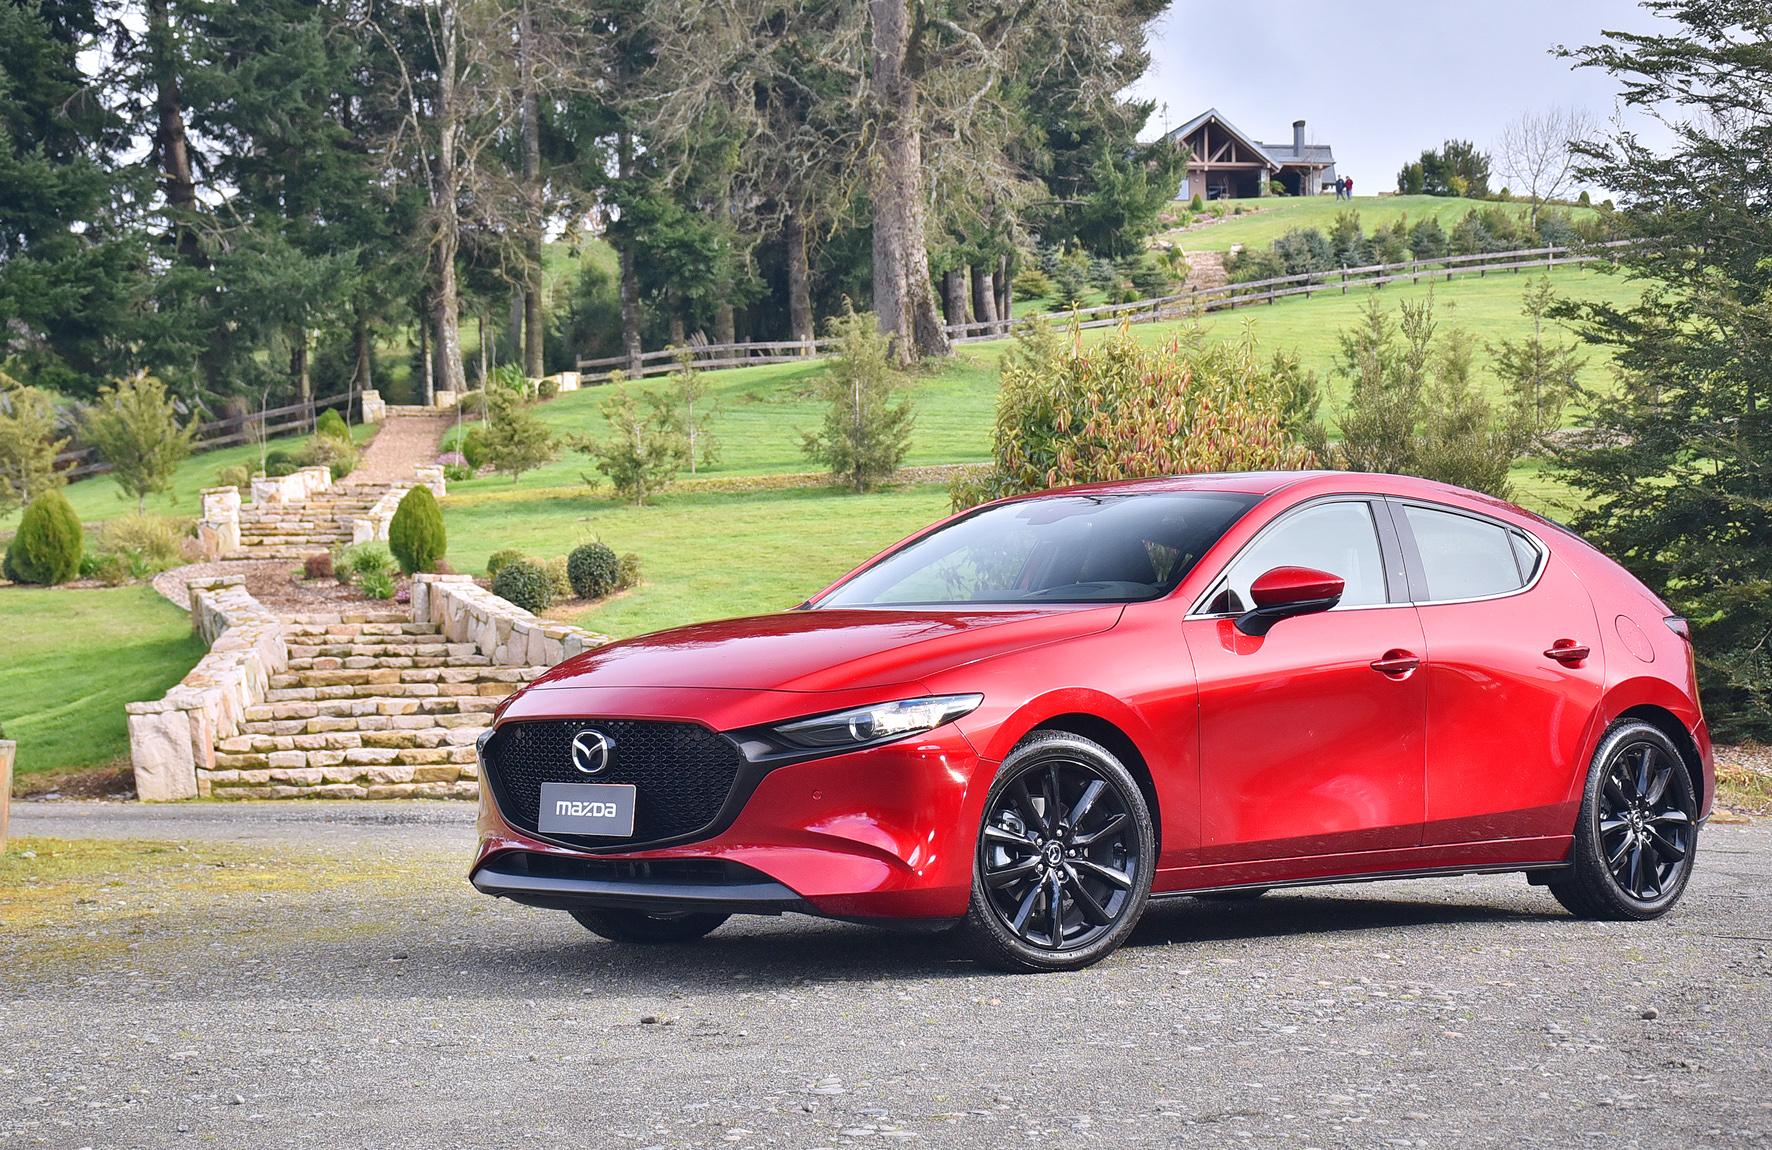 33 New Mazda 3 2020 Lanzamiento Rumors with Mazda 3 2020 Lanzamiento